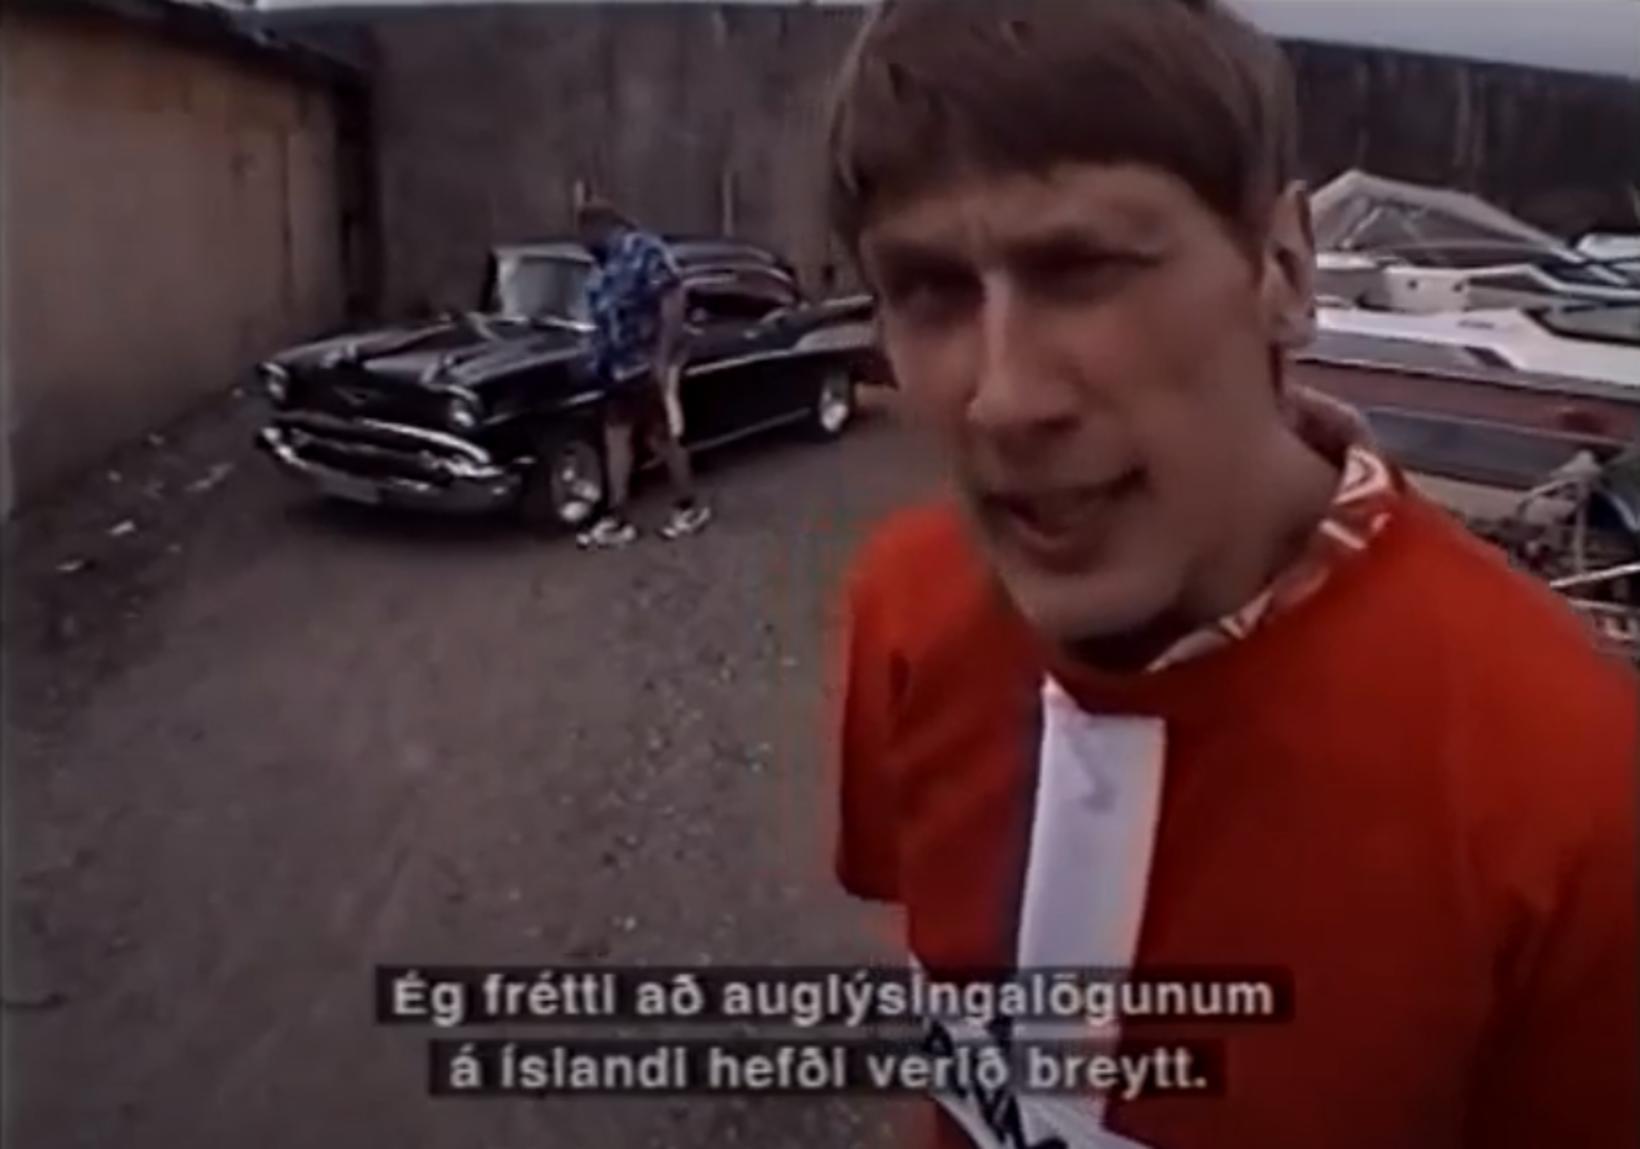 Danskir bjórdrykkjumenn voru fastagestir í Thule-auglýsingum um hríð.